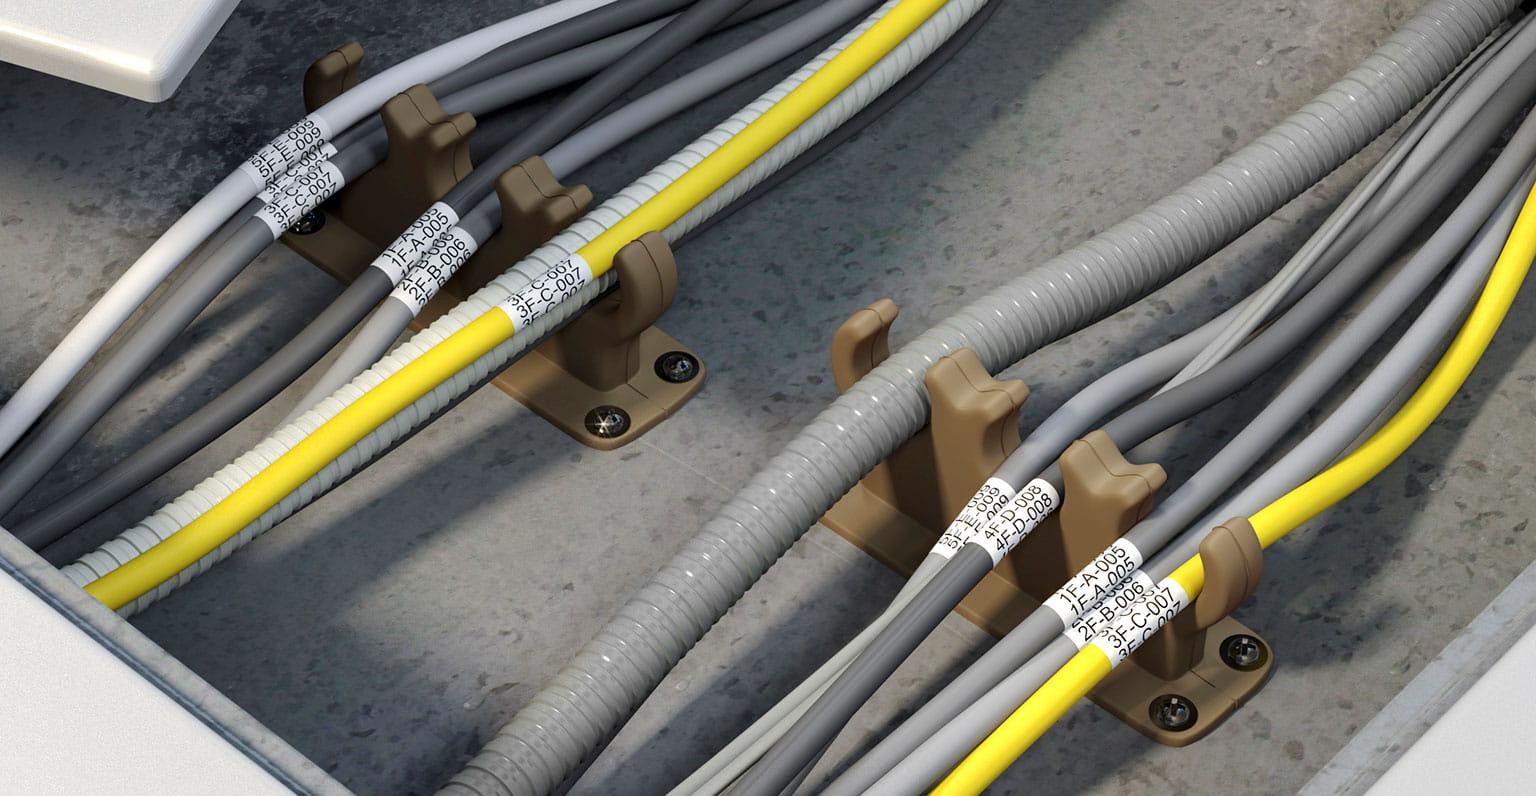 Kable CCTV z etykietą Brother Flexible-ID owinięte wokół, aby je zidentyfikować